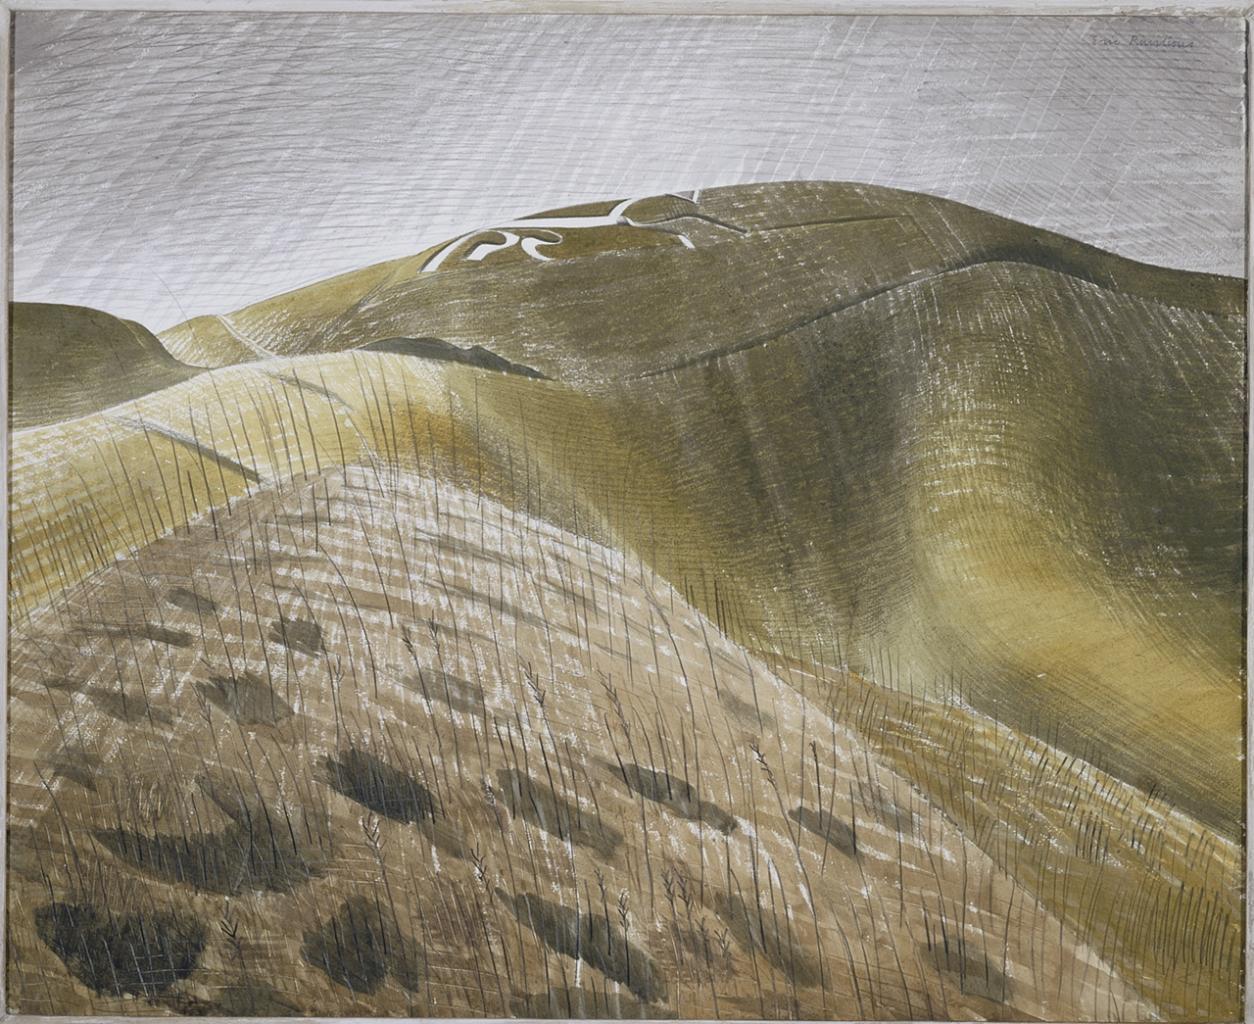 艾力克.拉维利斯《白马谷》的图片